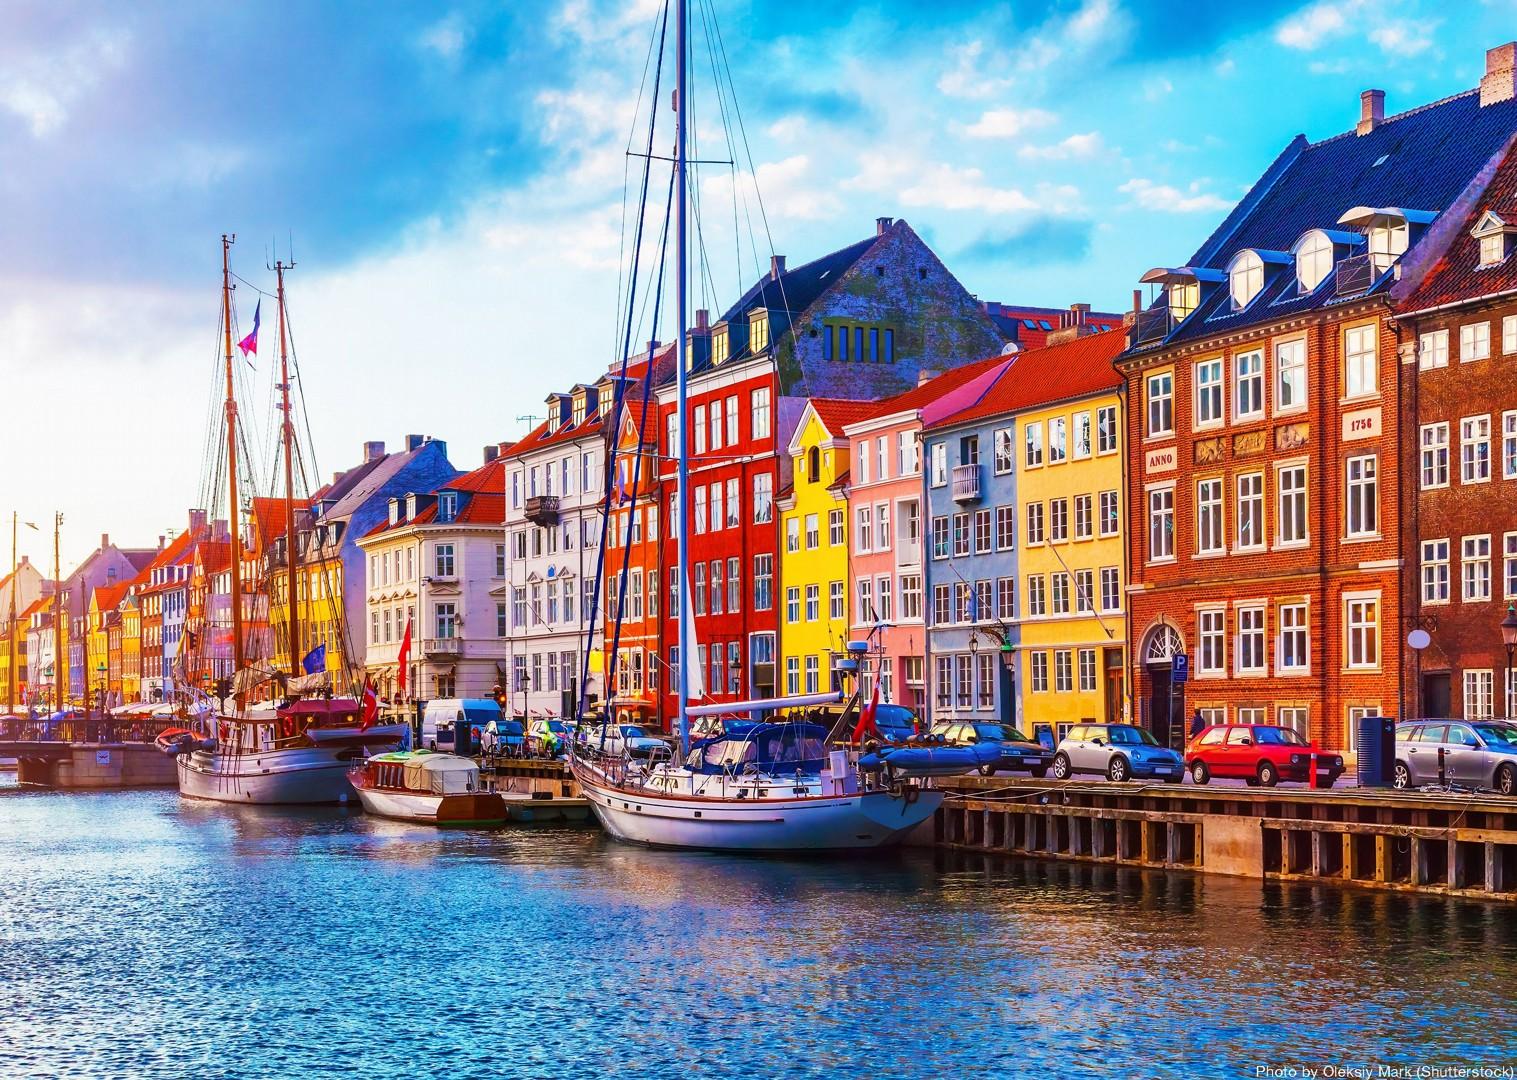 copenhagen-nyhavn-harbour-houses-family-biking-skedaddle.jpg - Denmark - Zooming Through Zealand - Self-Guided Family Cycling Holiday - Family Cycling